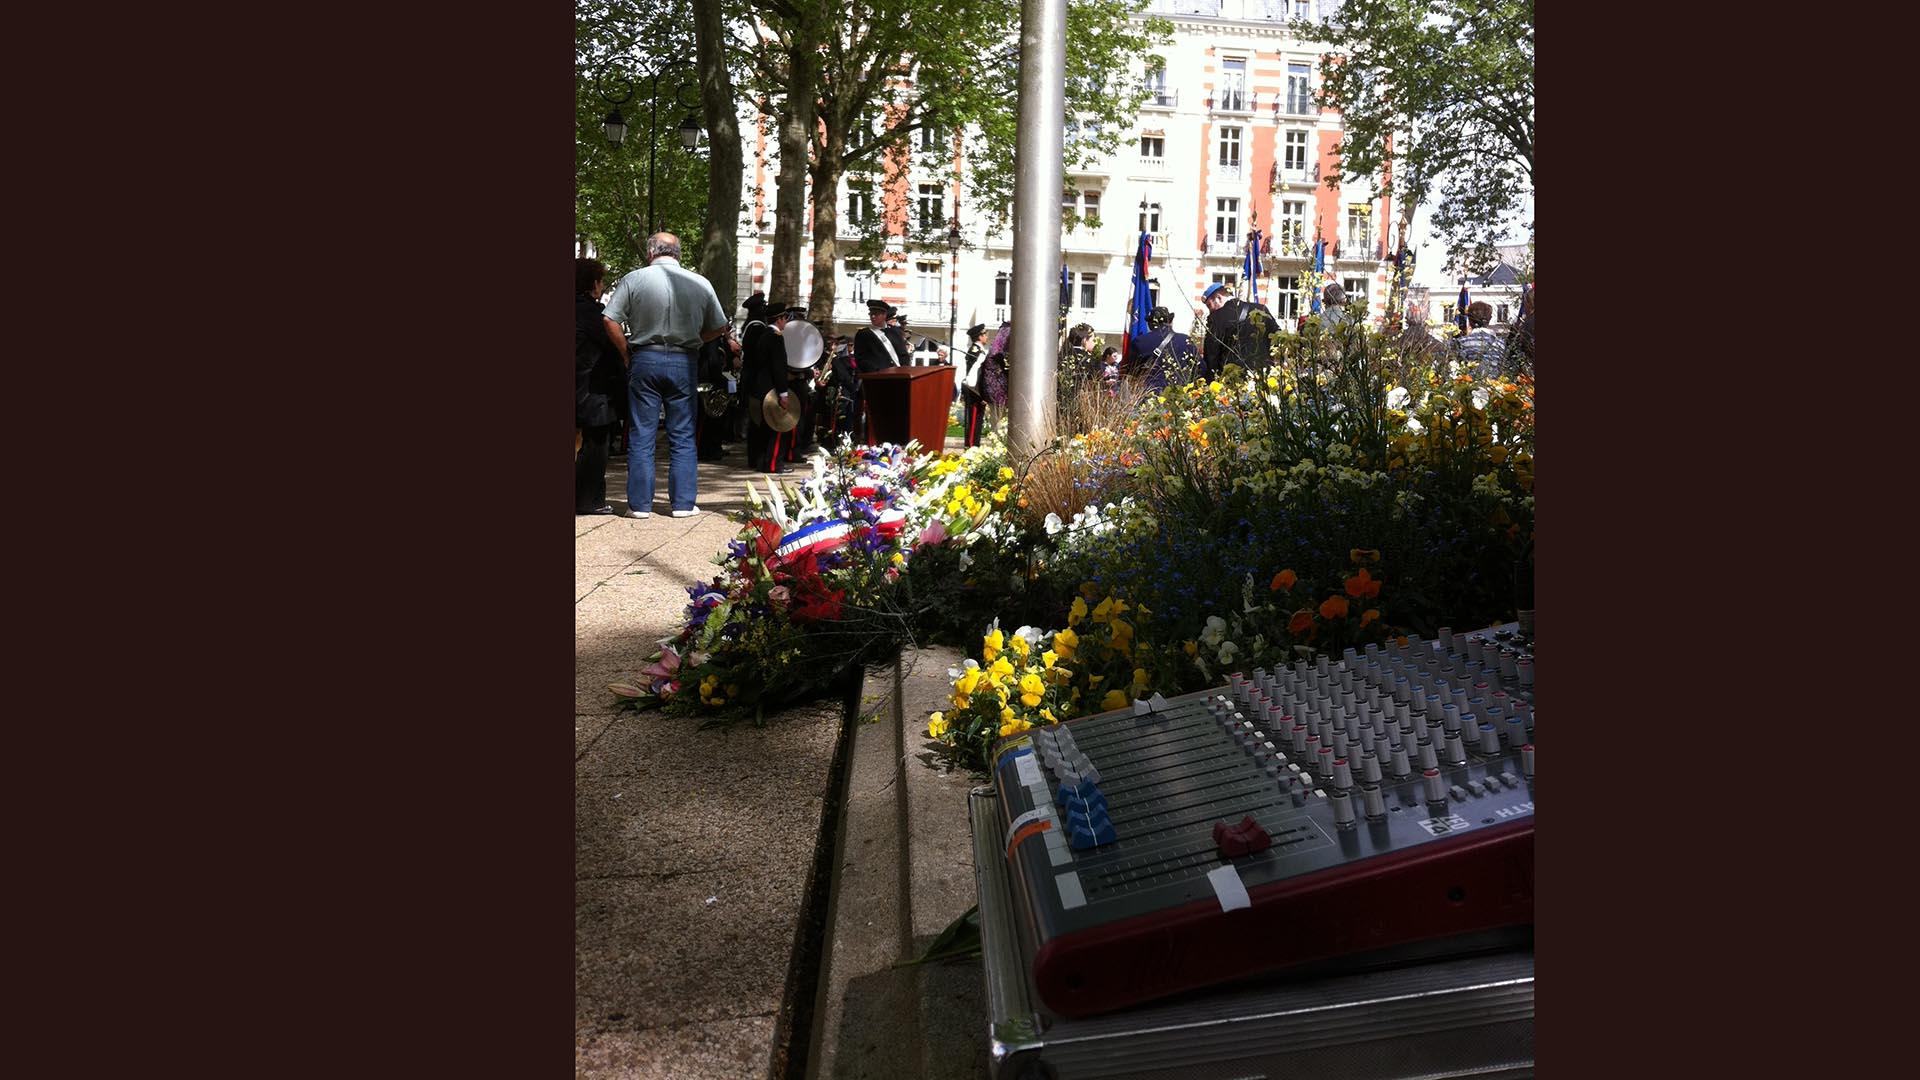 Sonorisation d'une cérémonie aux monuments aux morts